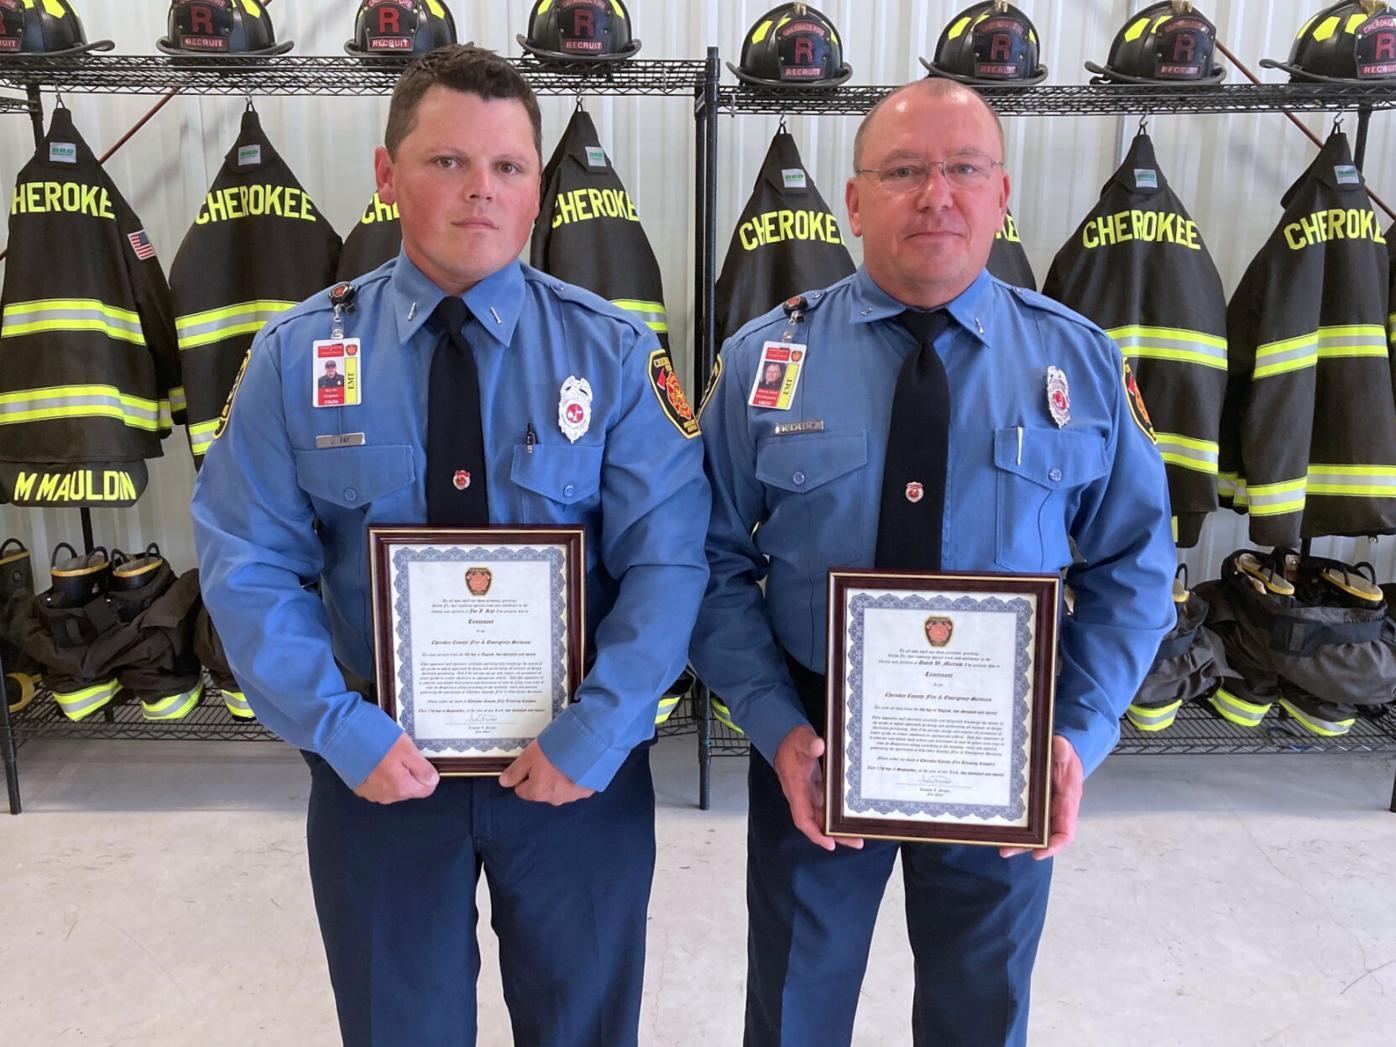 092620_CTN_Firefighters 2.jpg